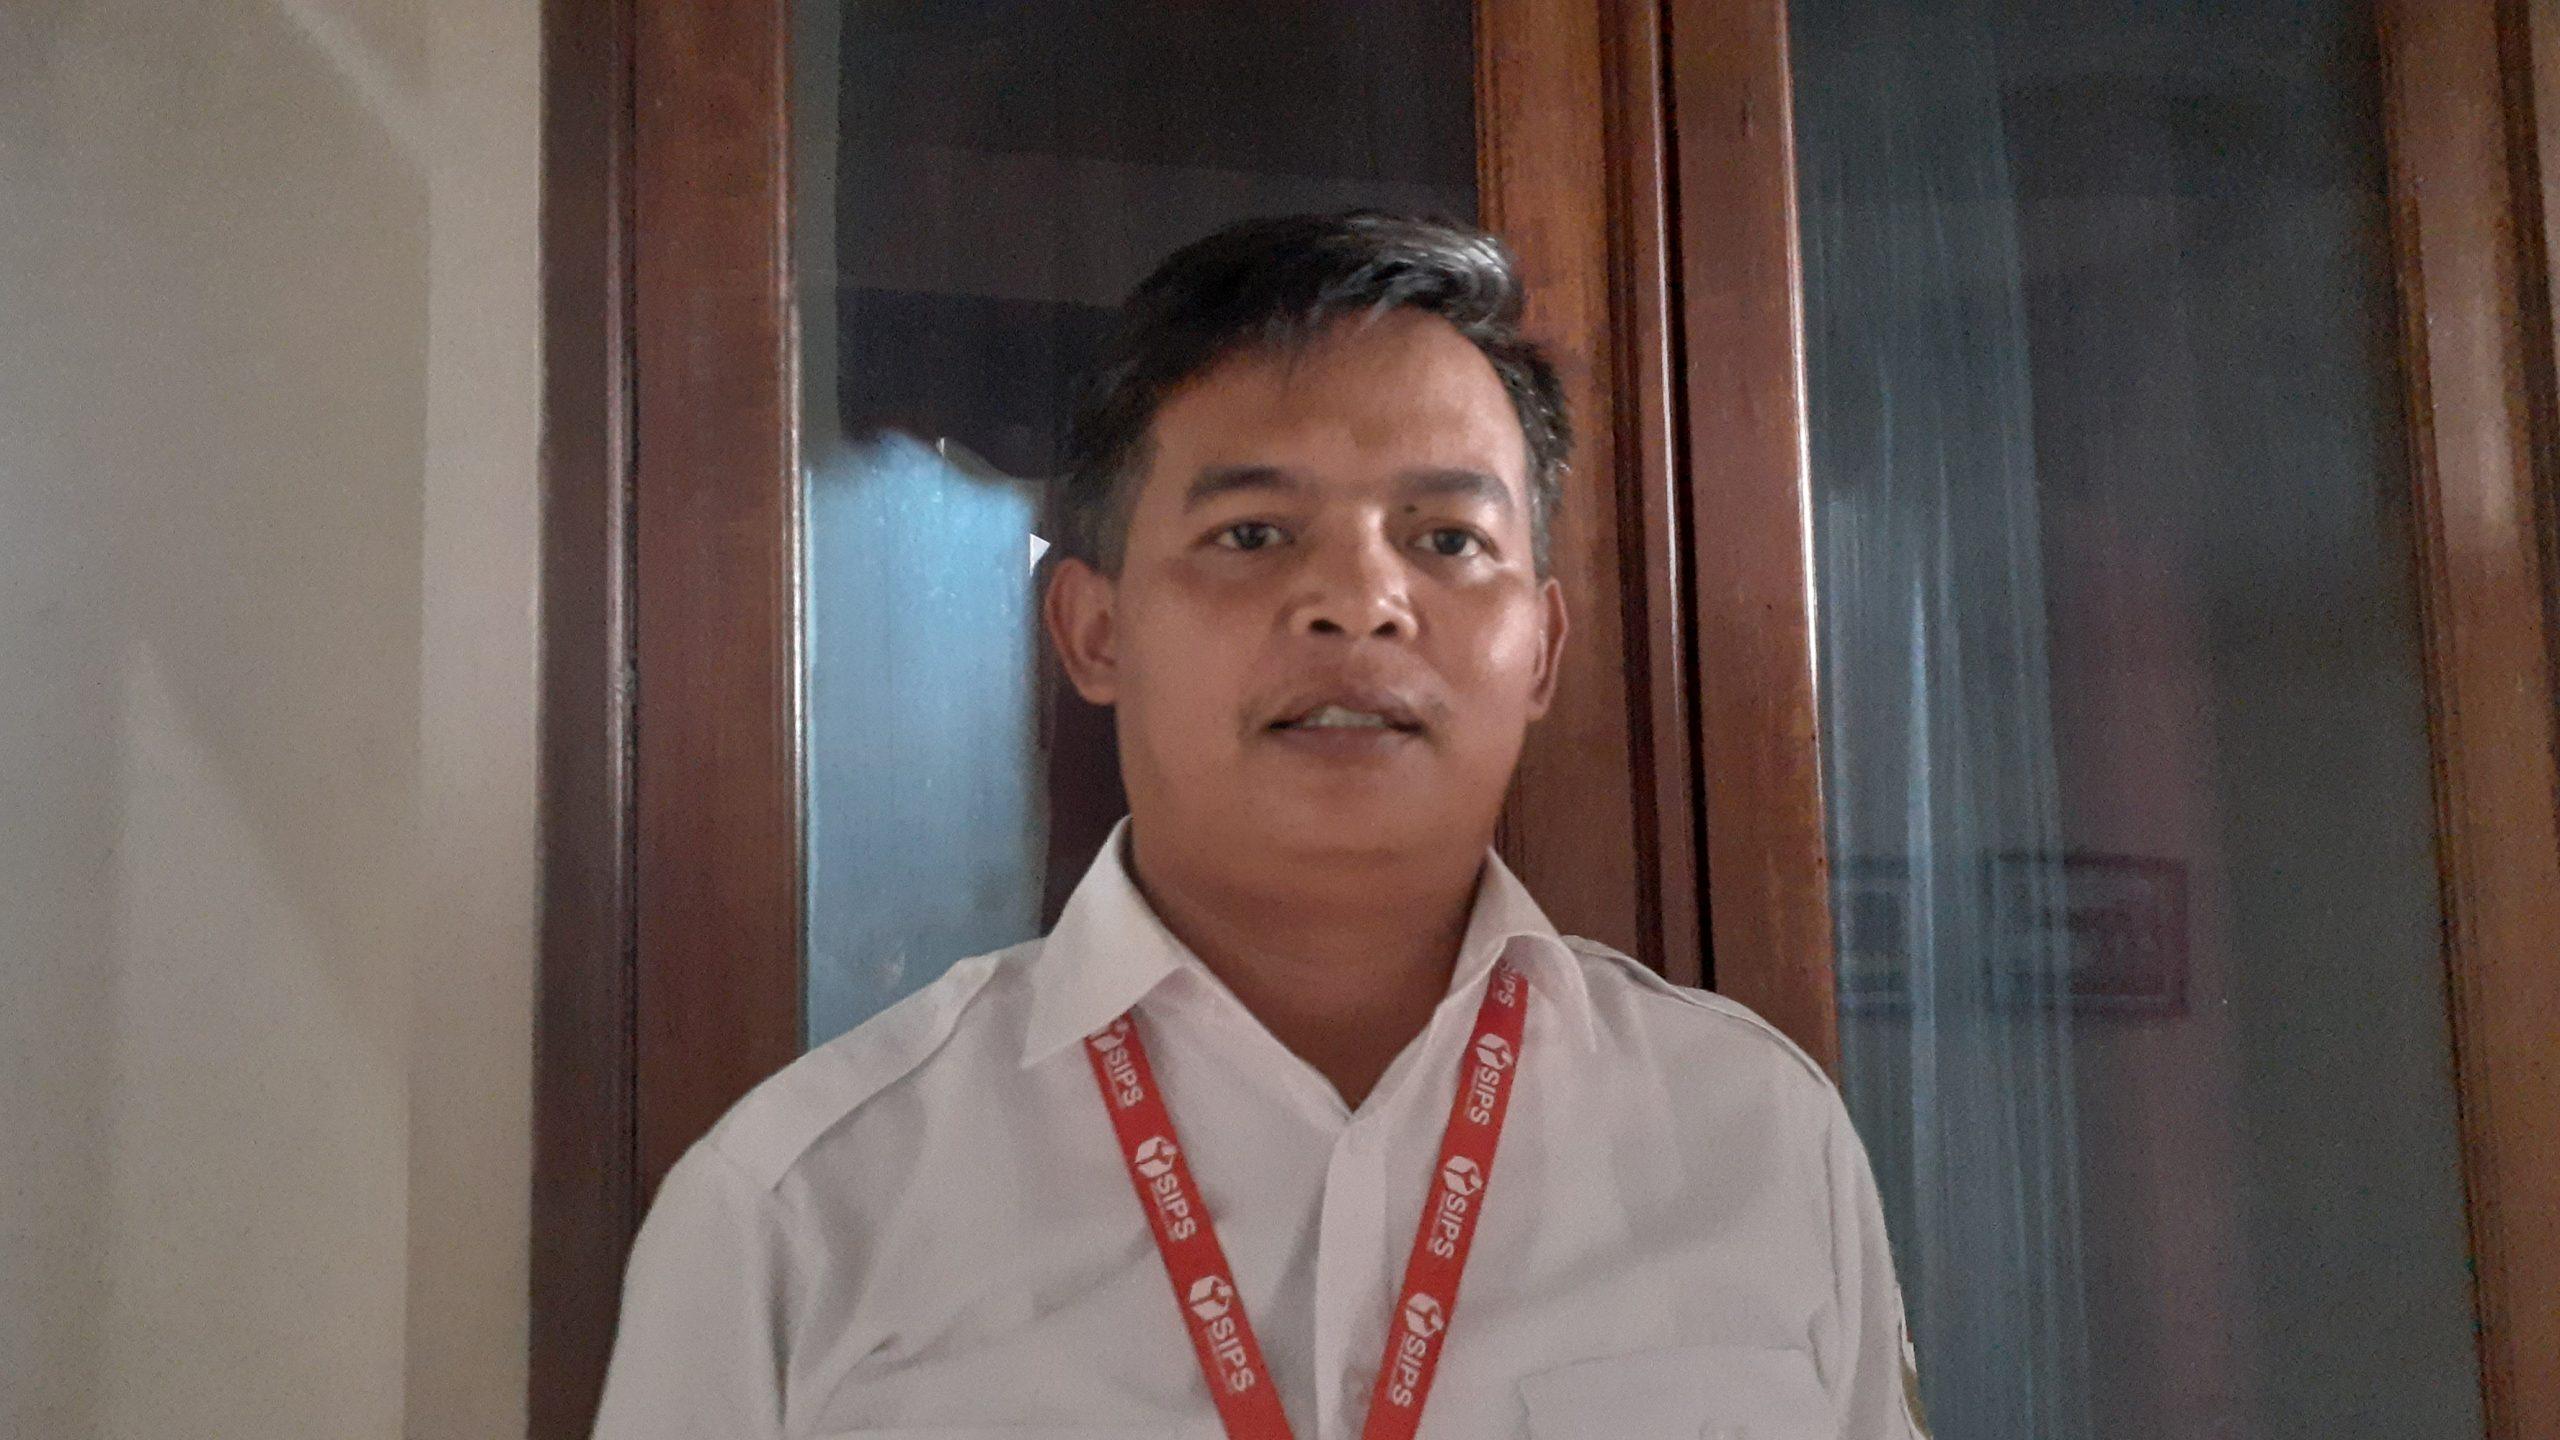 Tak Terdaftar, Bawaslu Larang Relawan Paslon di Pilkada Pandeglang Berkampanye